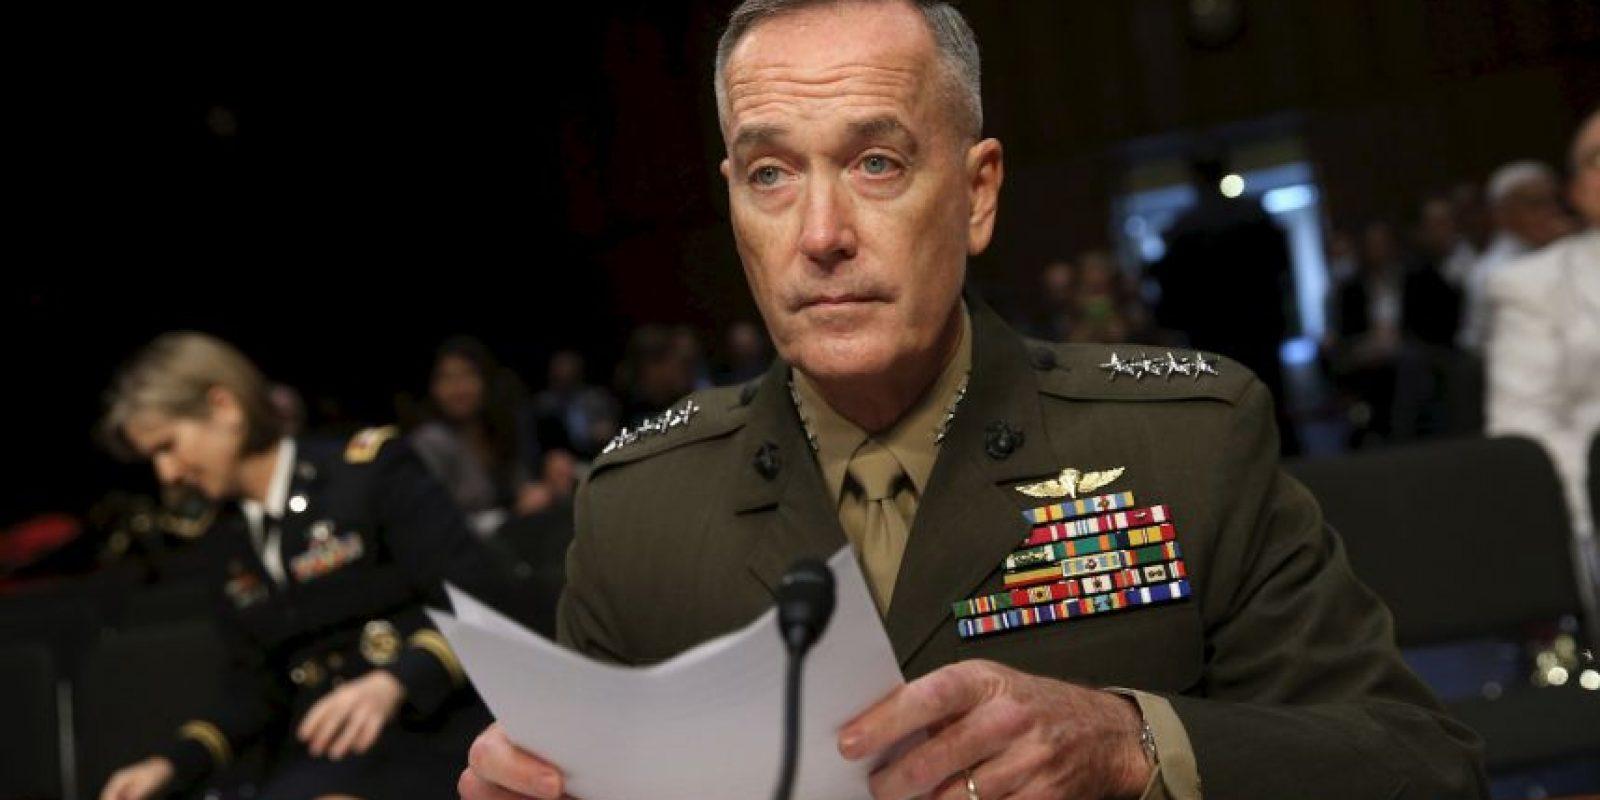 El general Josheph Dunford, aseguró que a pesar de los problemas que se tienen con el ISIS, Rusia es una amenaza para la seguridad nacional. Foto:AFP